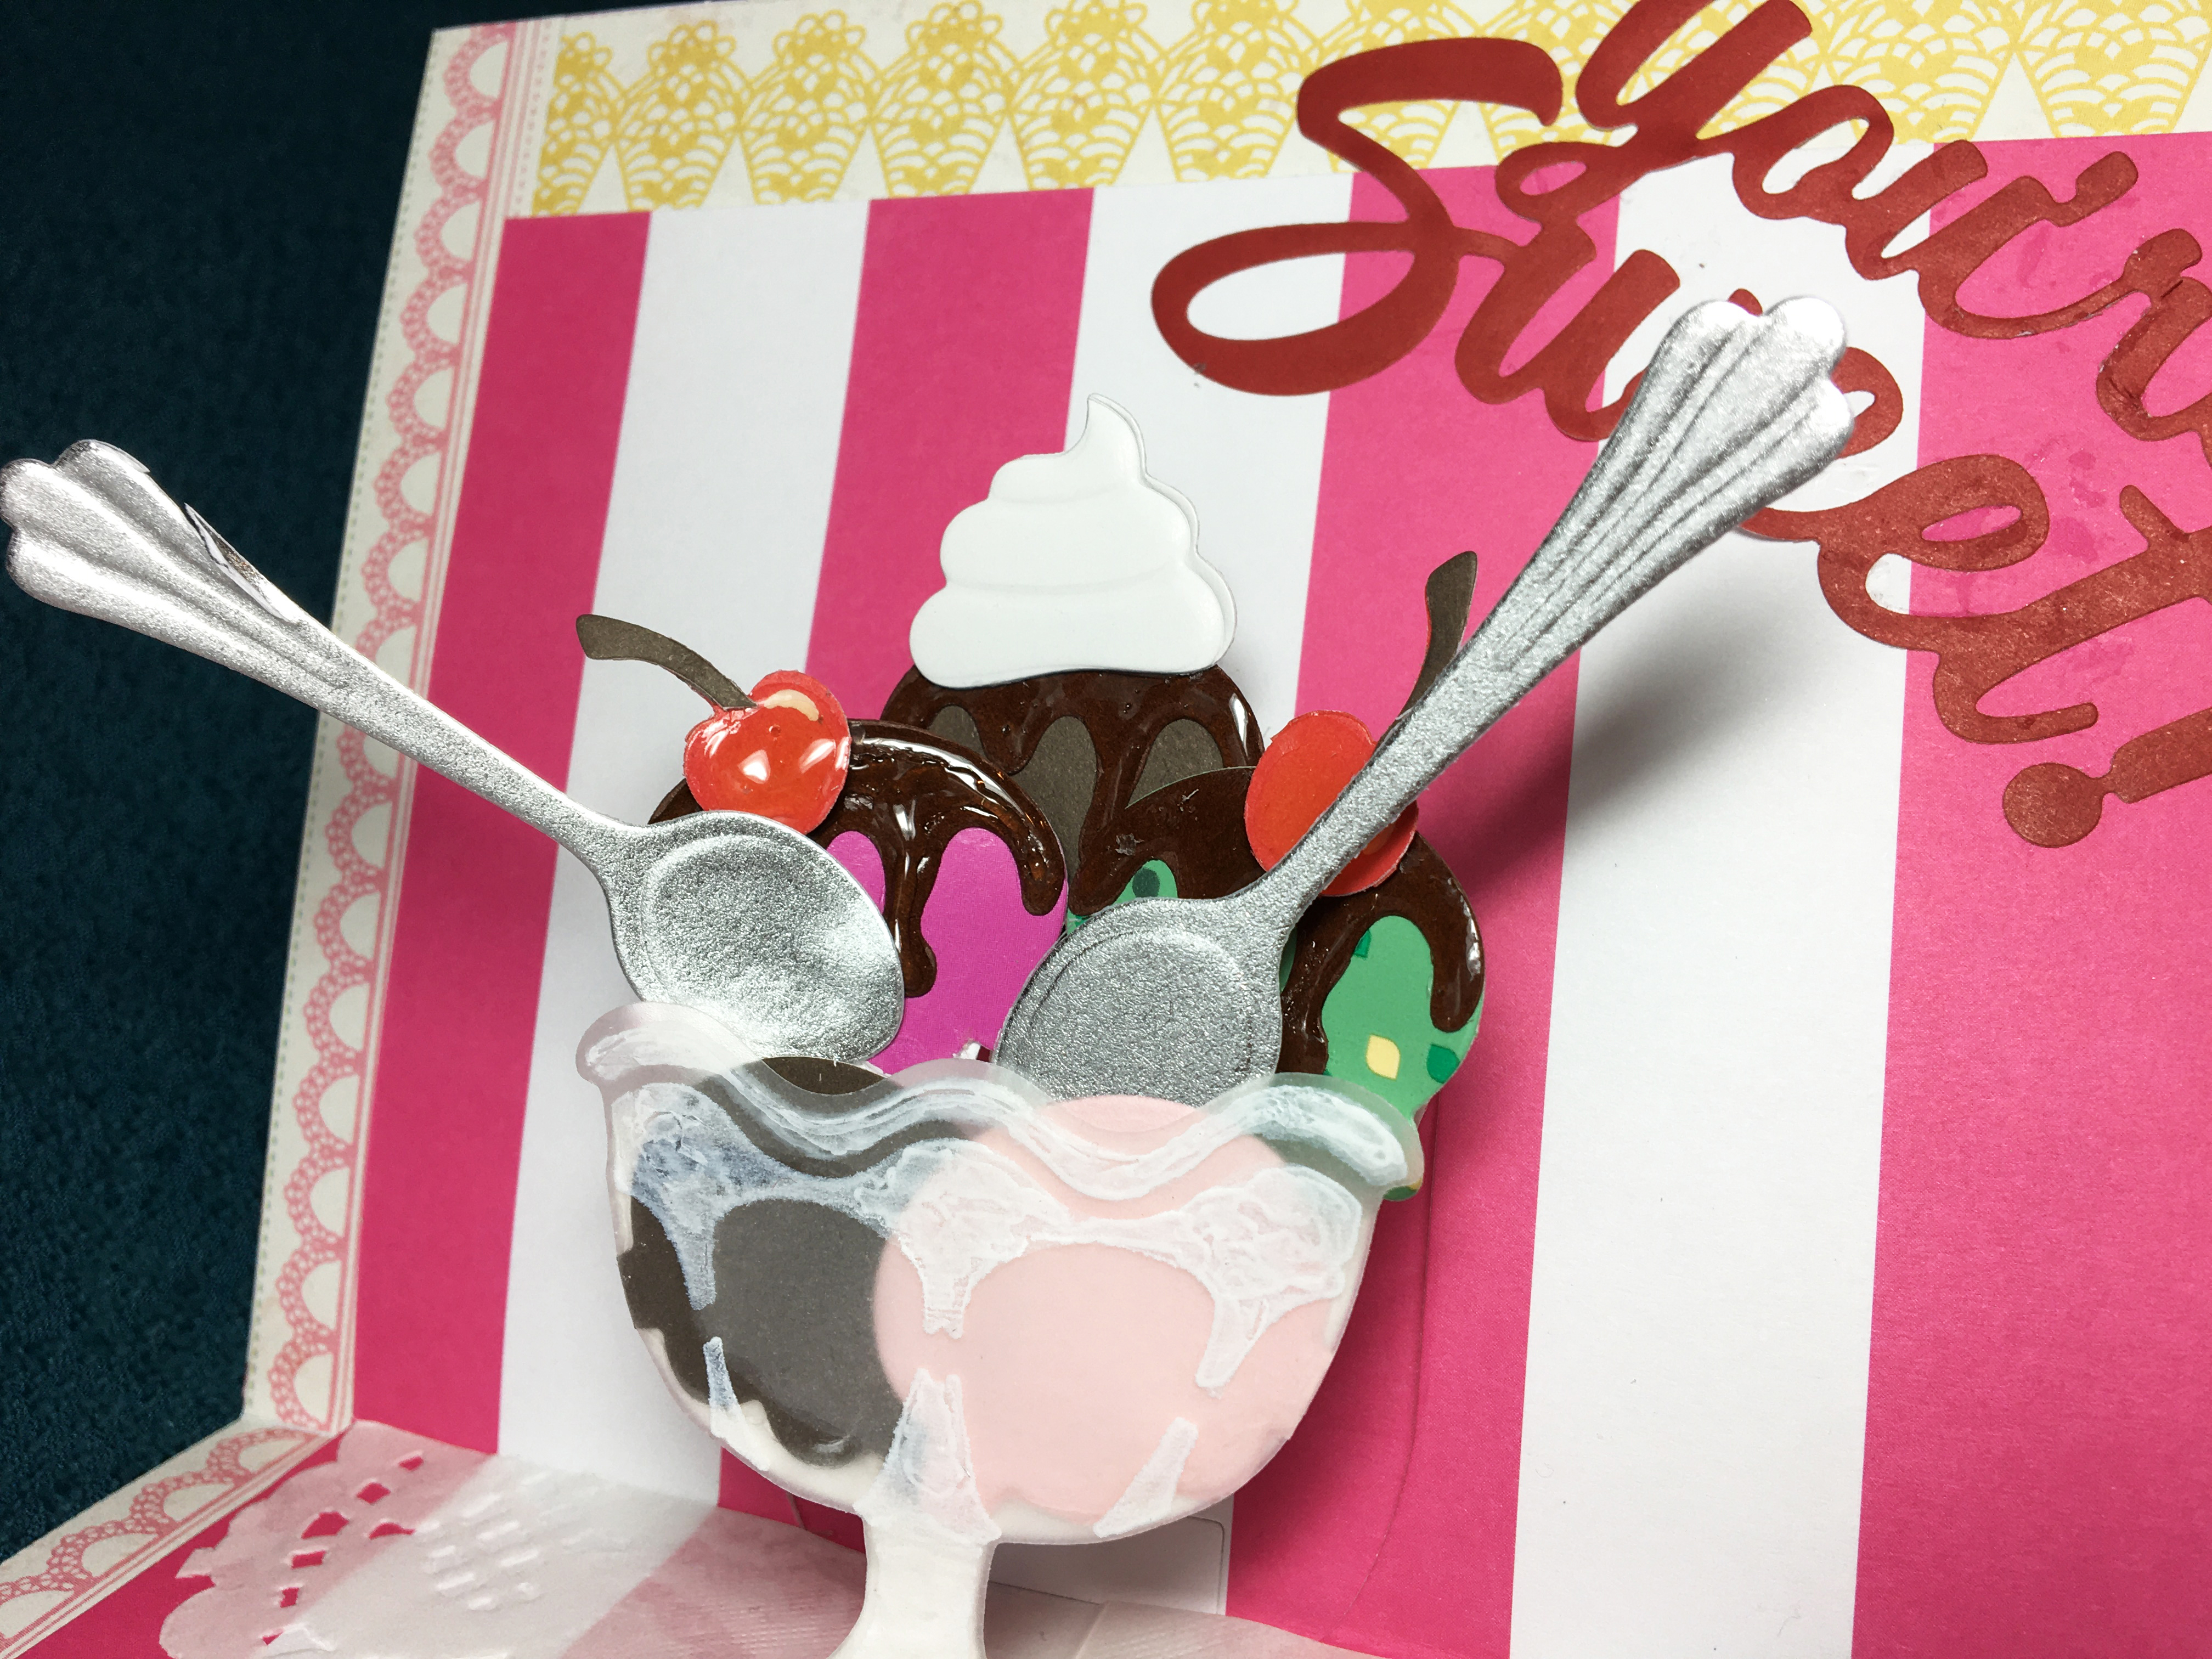 2 spoons-CUEX